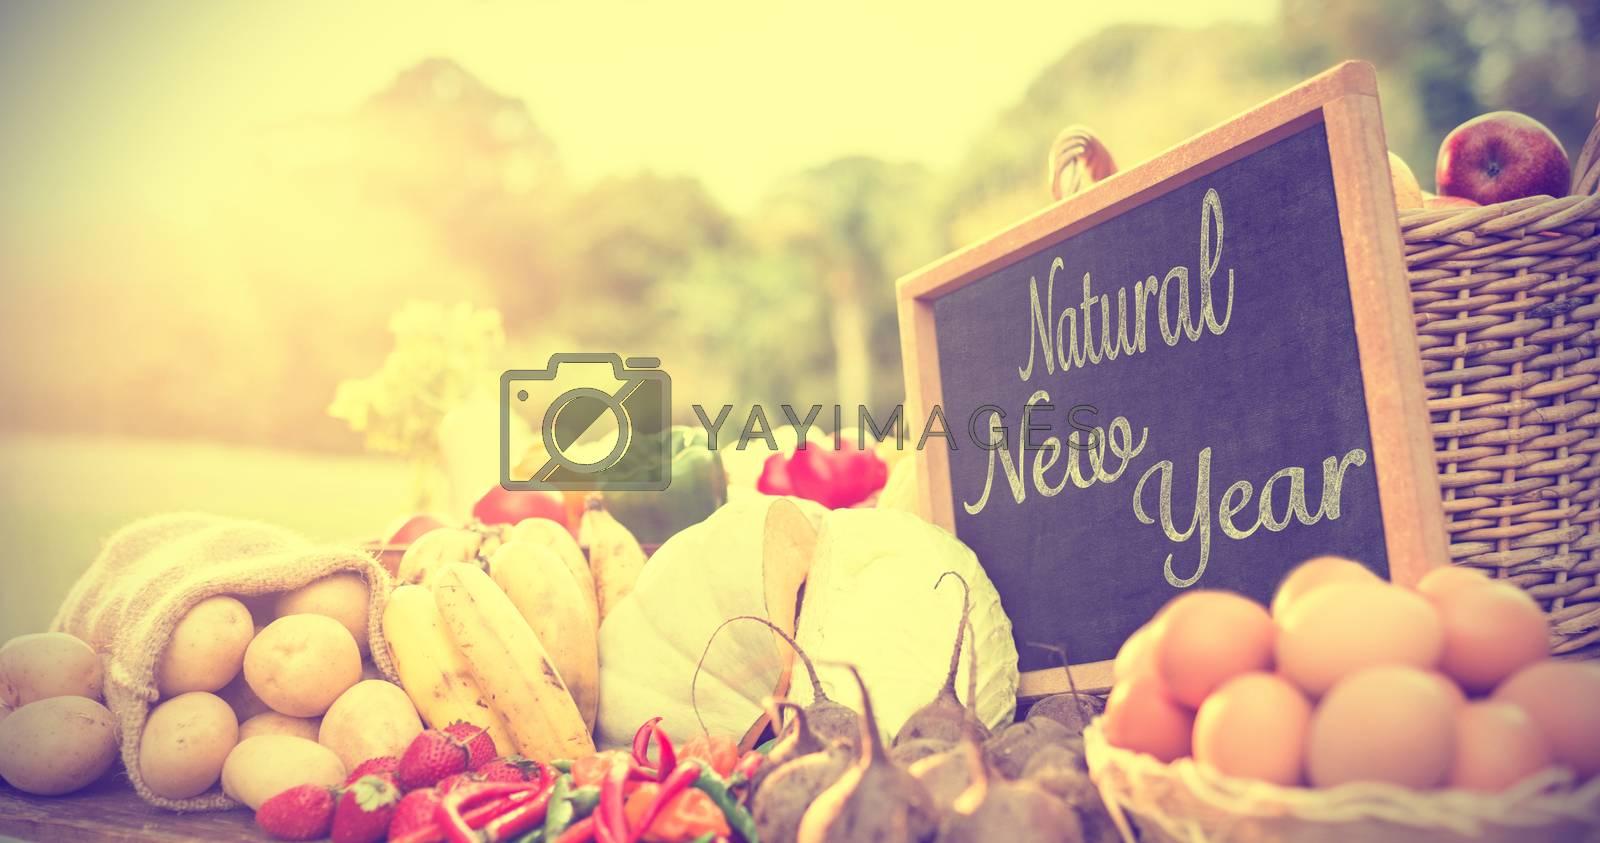 Natural New Year